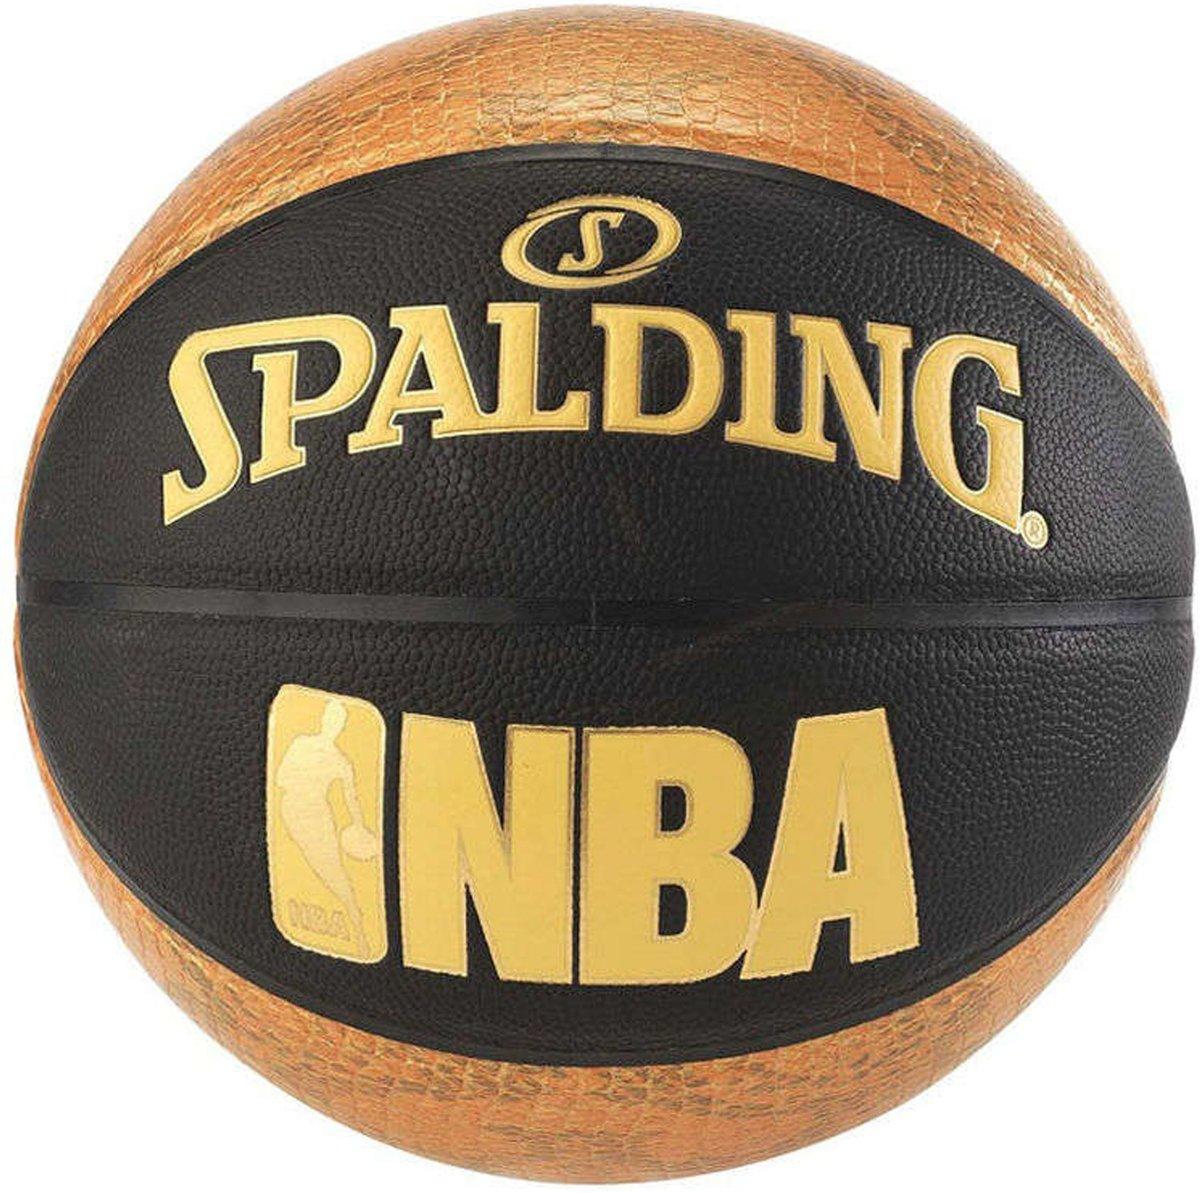 Spalding Snake Basketbal - maat 7 - oranje/zwart/goud